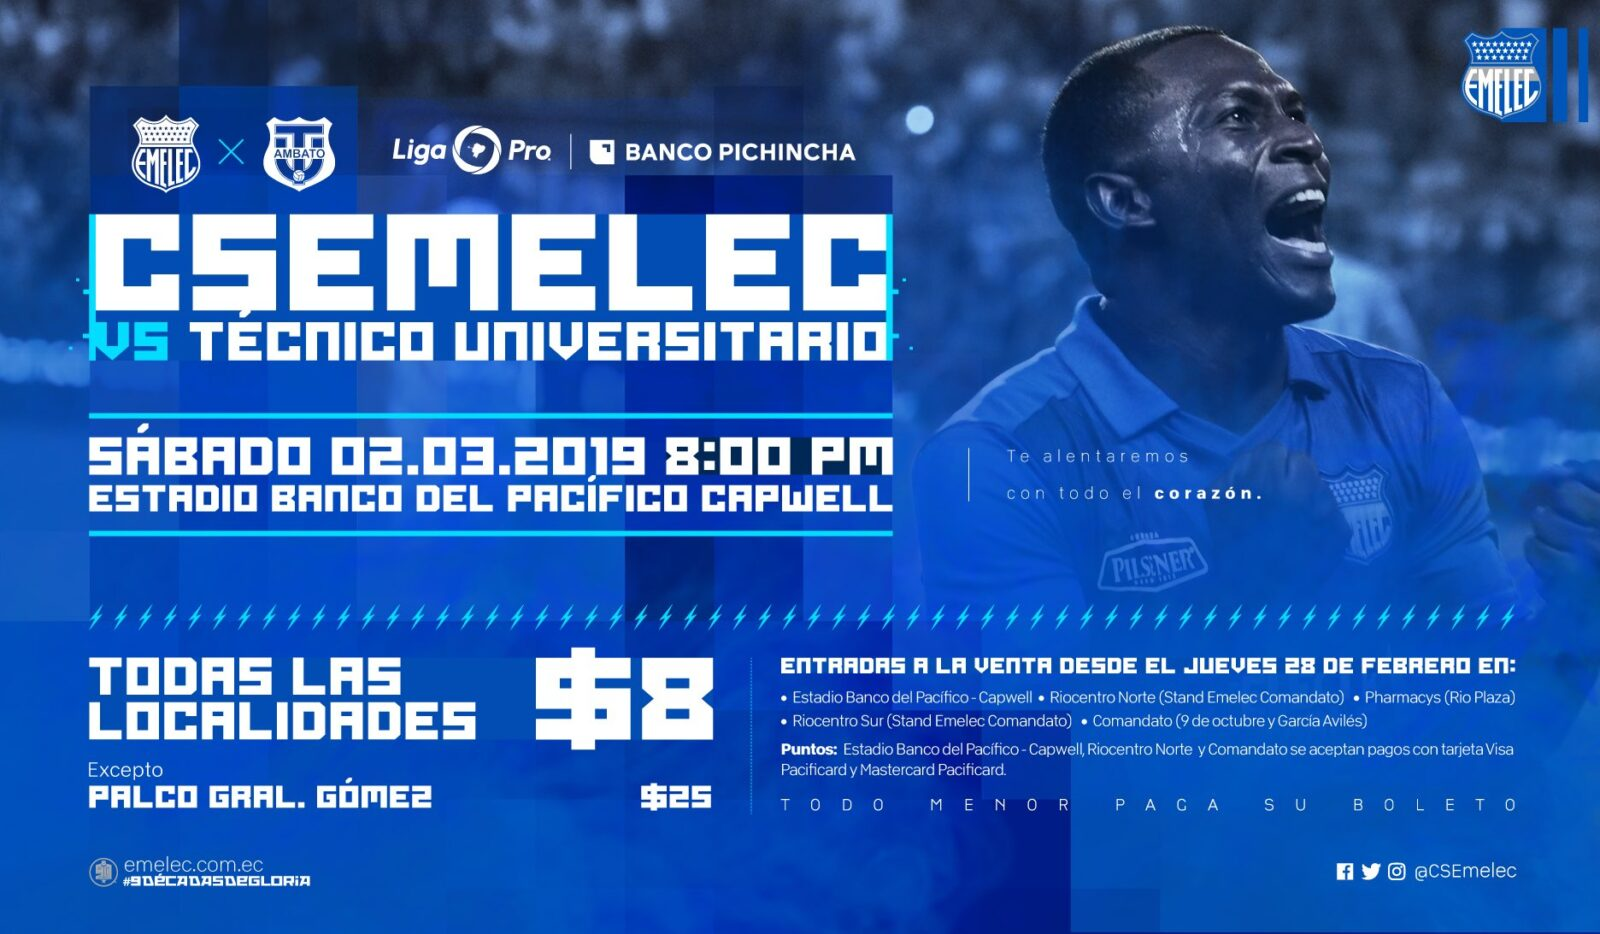 ¿Cuánto cuestan los boletos EMELEC vs. Técnico?